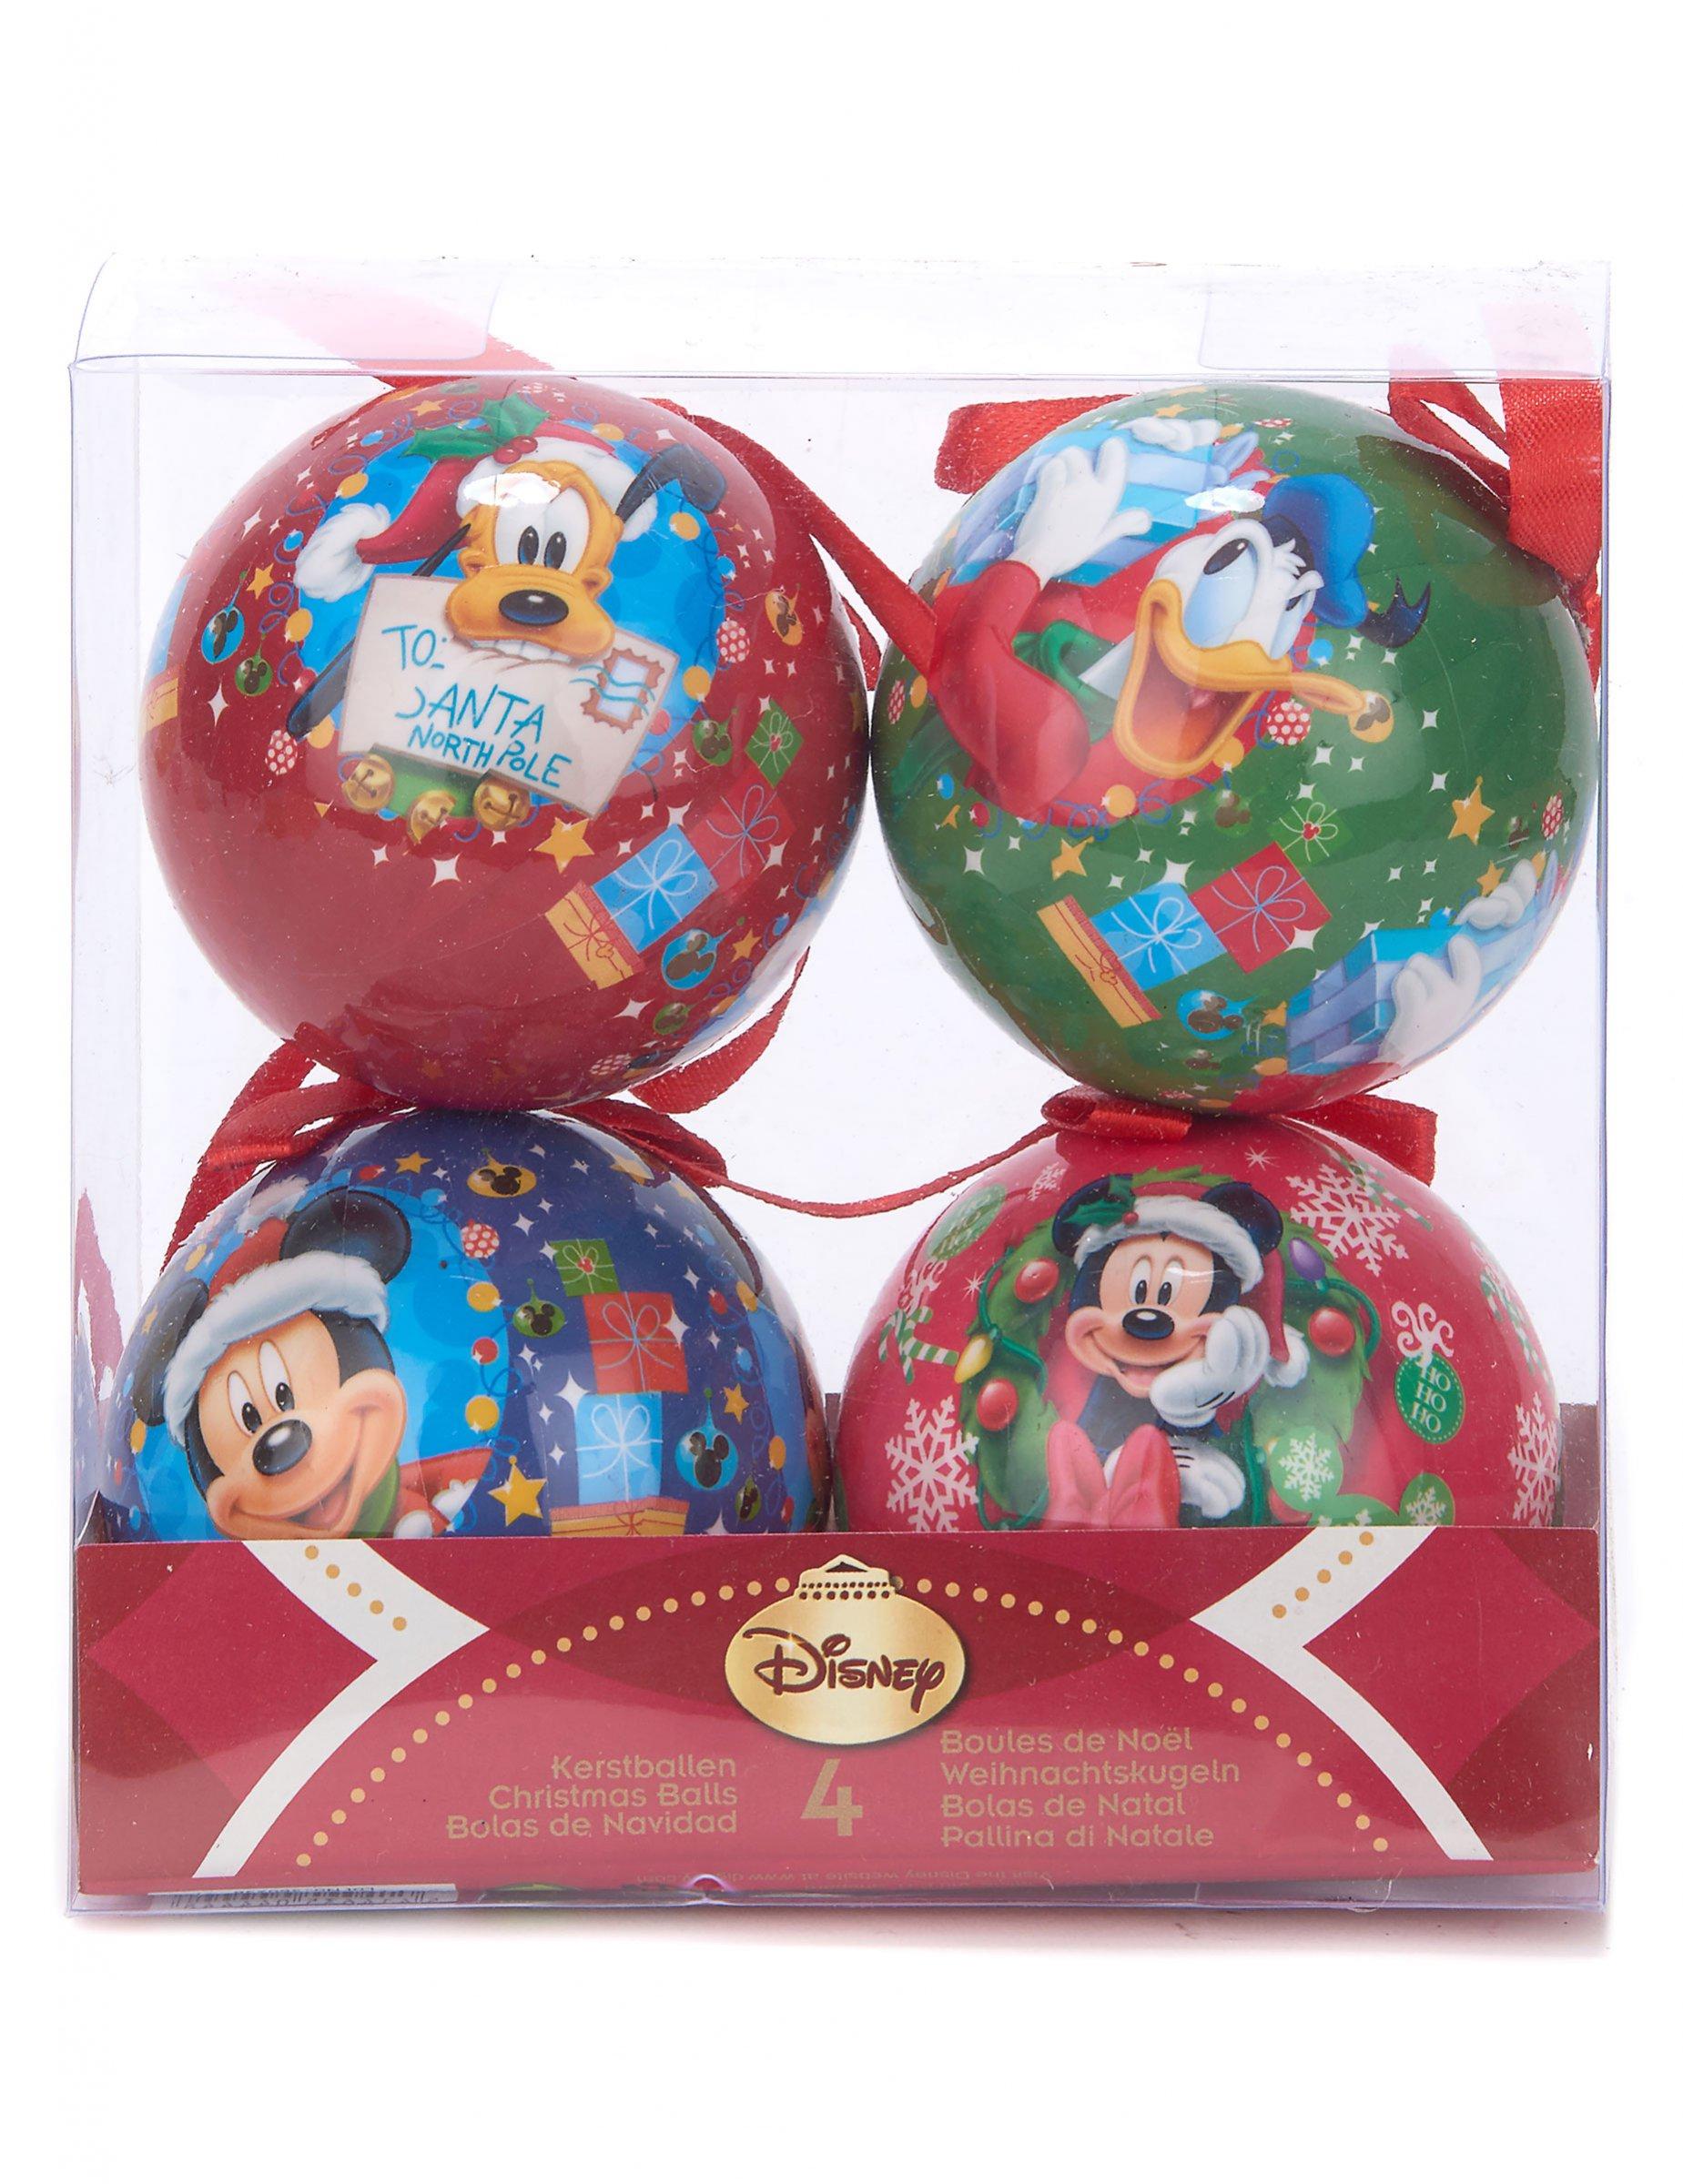 Connu 4 Boules de Noël Mickey™ 7,5 cm : Deguise-toi, achat de Decoration  LI21